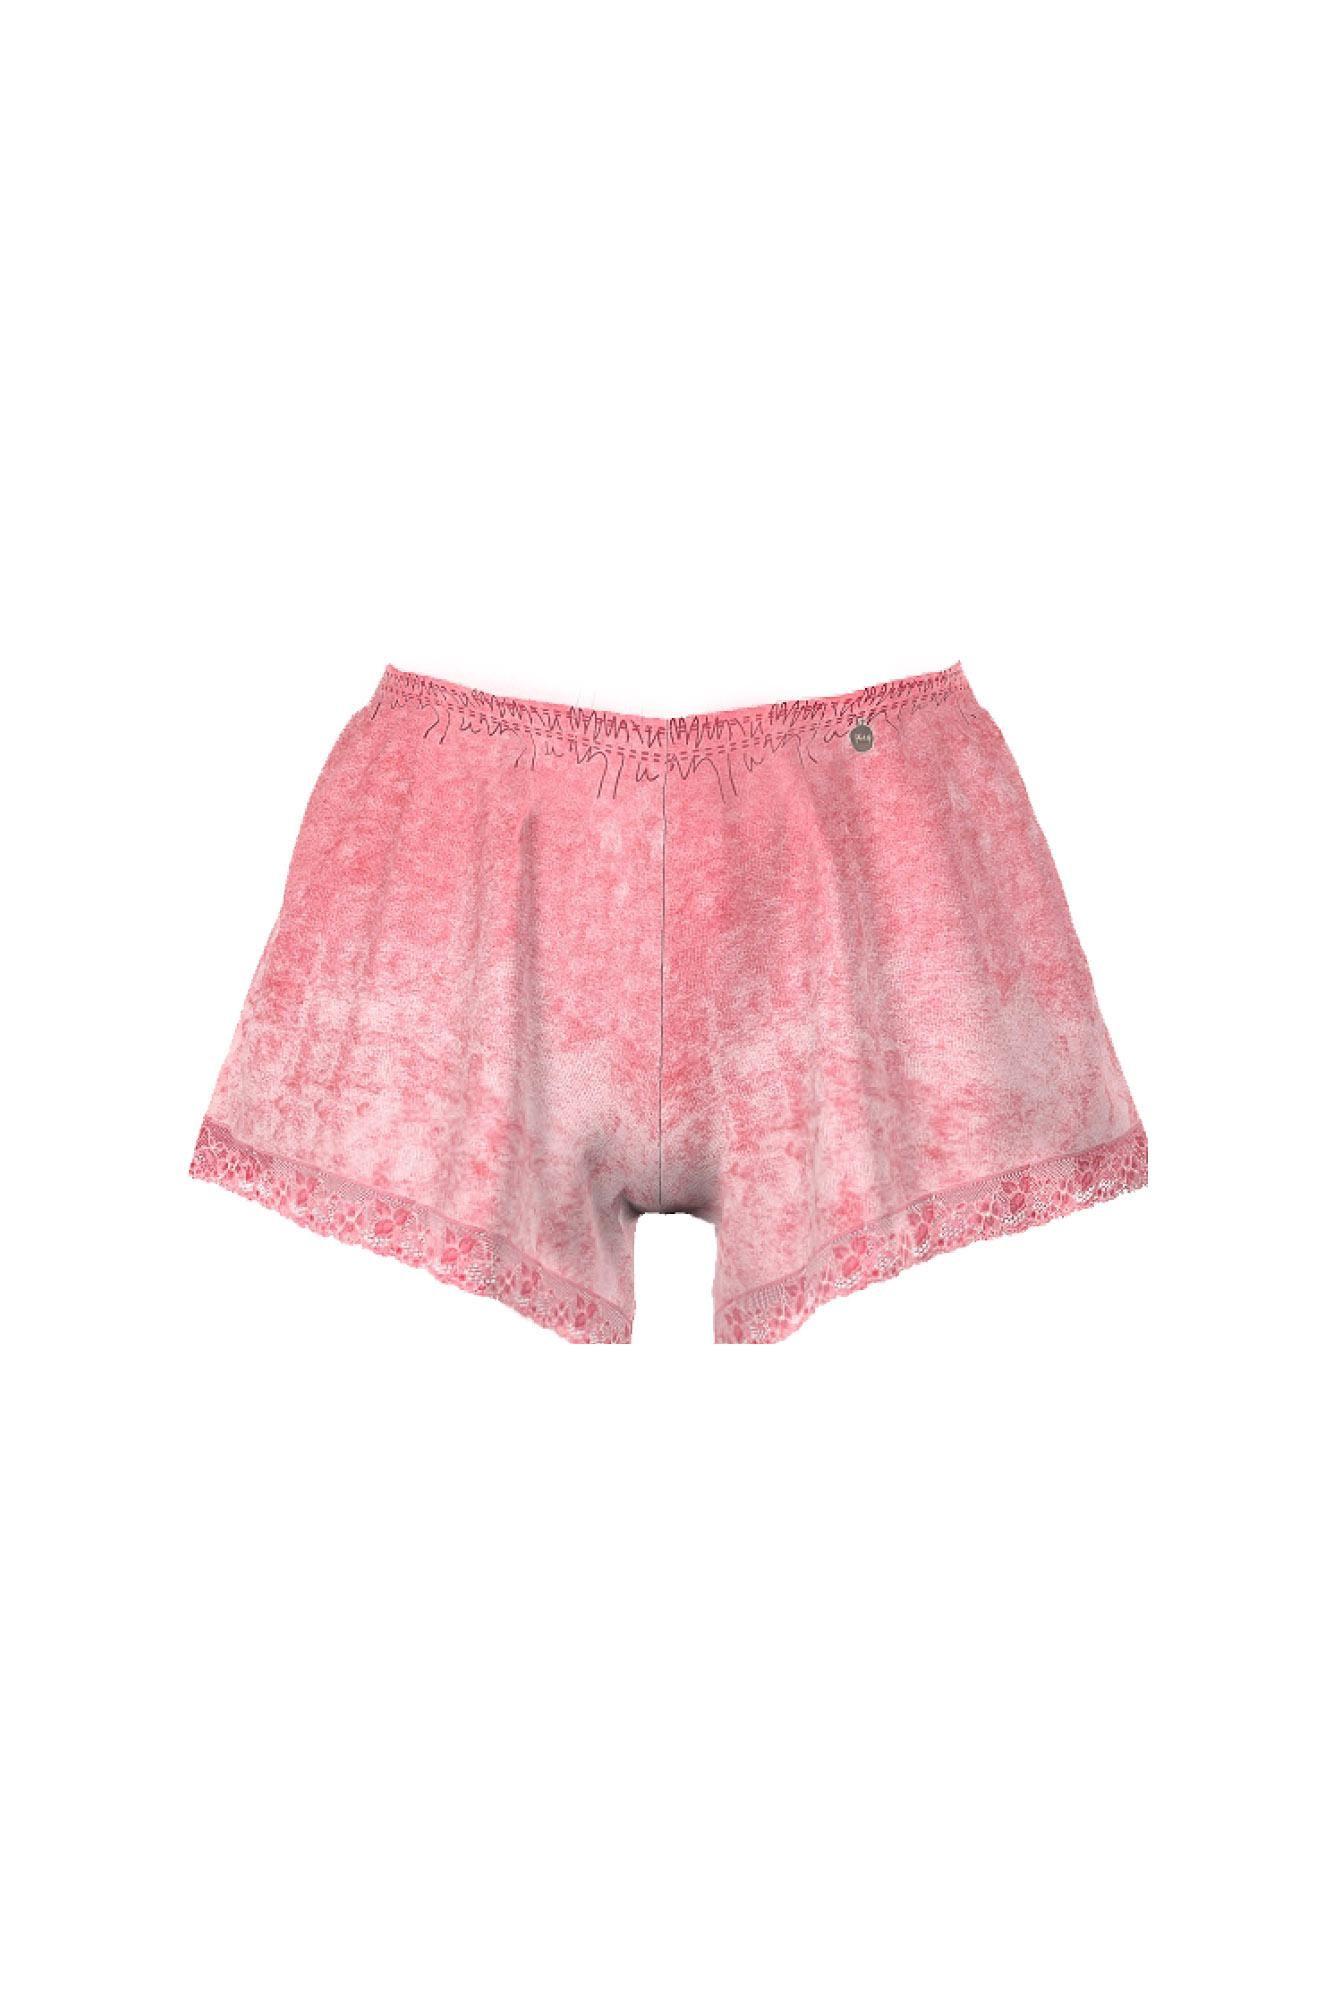 Women's Velour Shorts